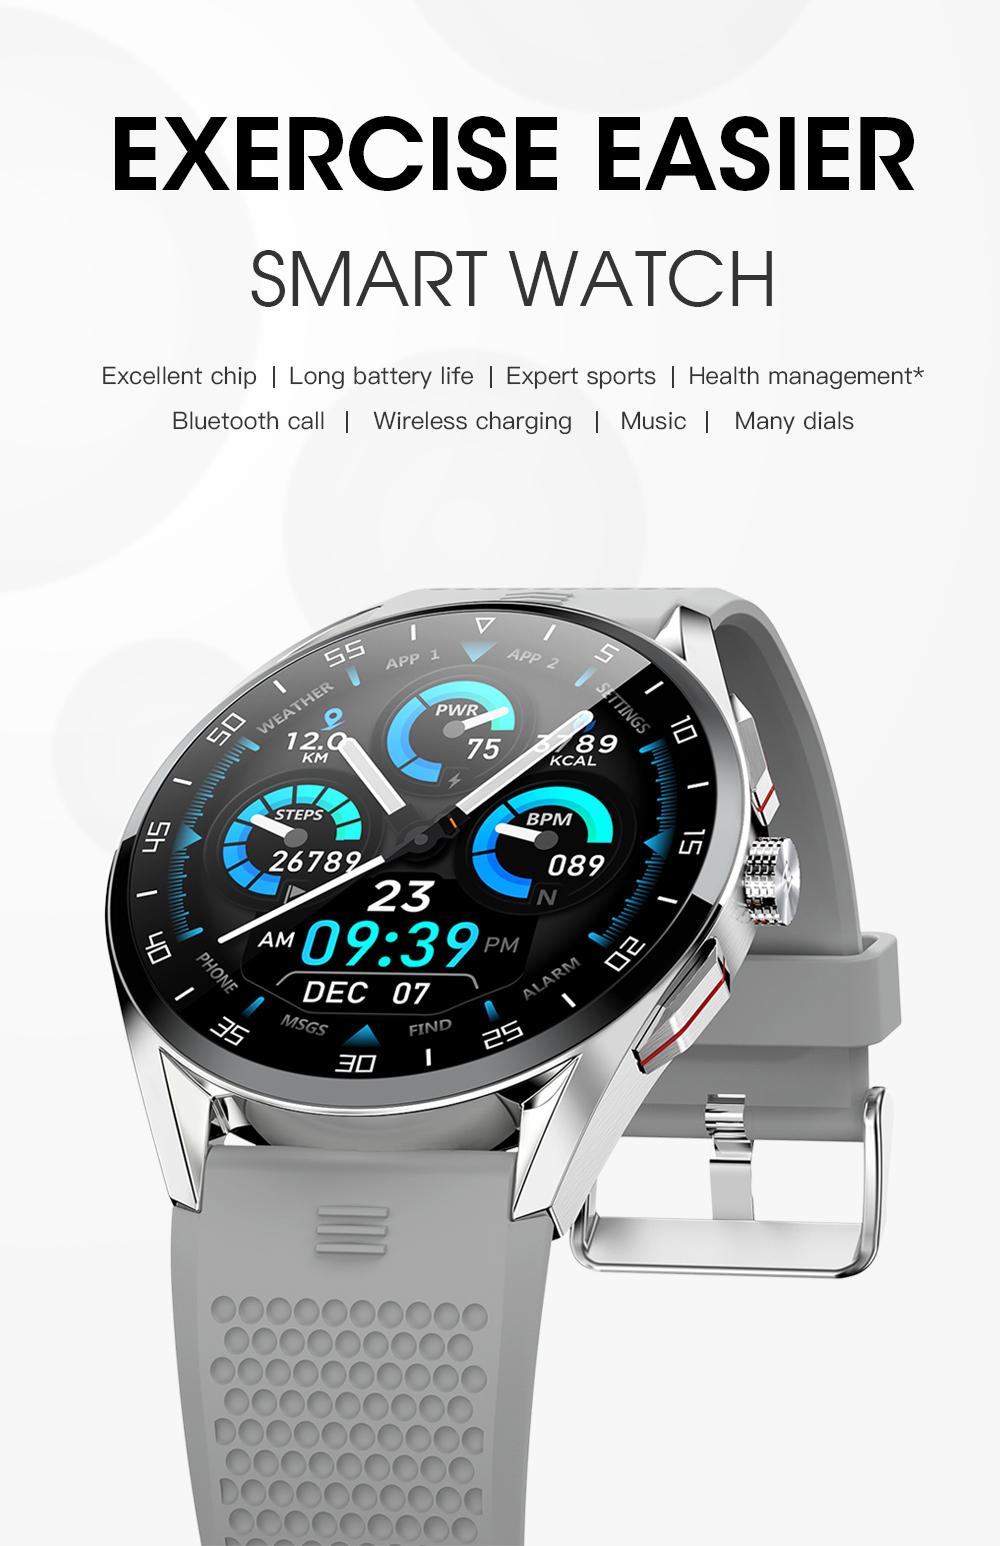 M3 Smart Watch Description-1